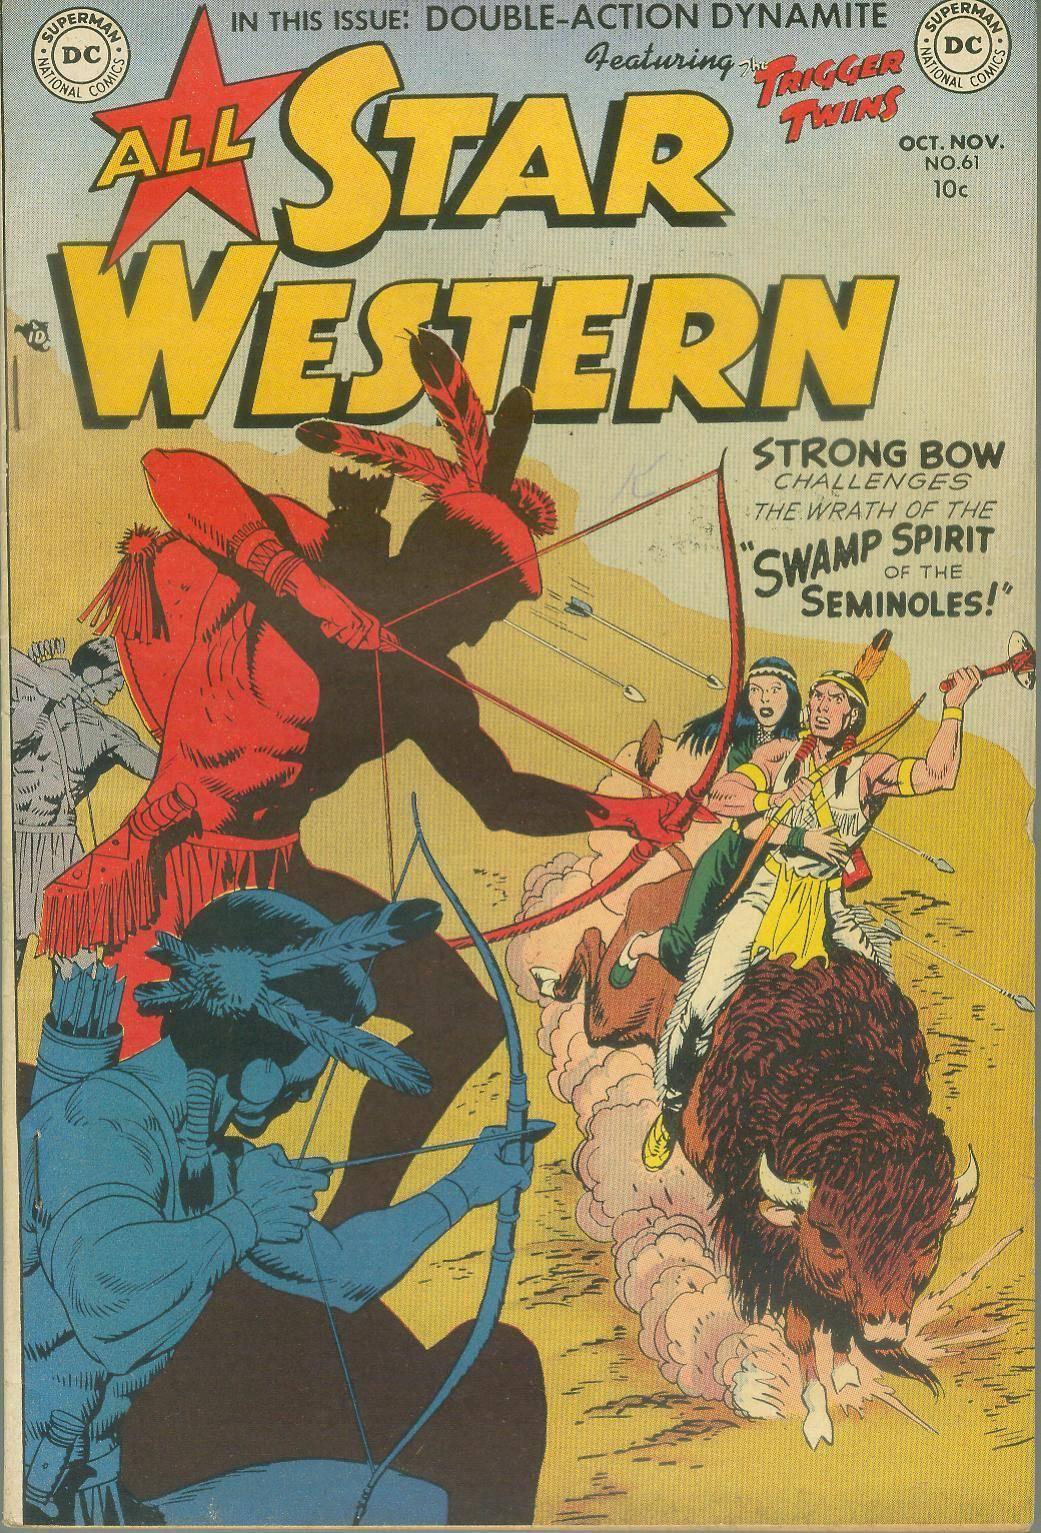 Star Western v1 061 1951